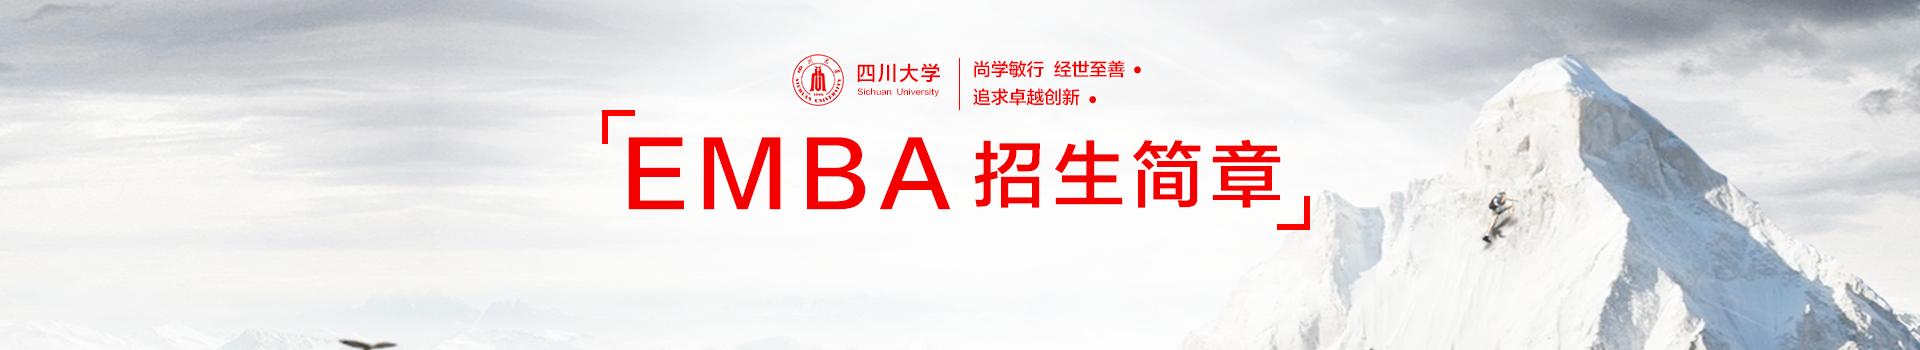 四川大学商学院高级工商管理硕士EMBA招生简章